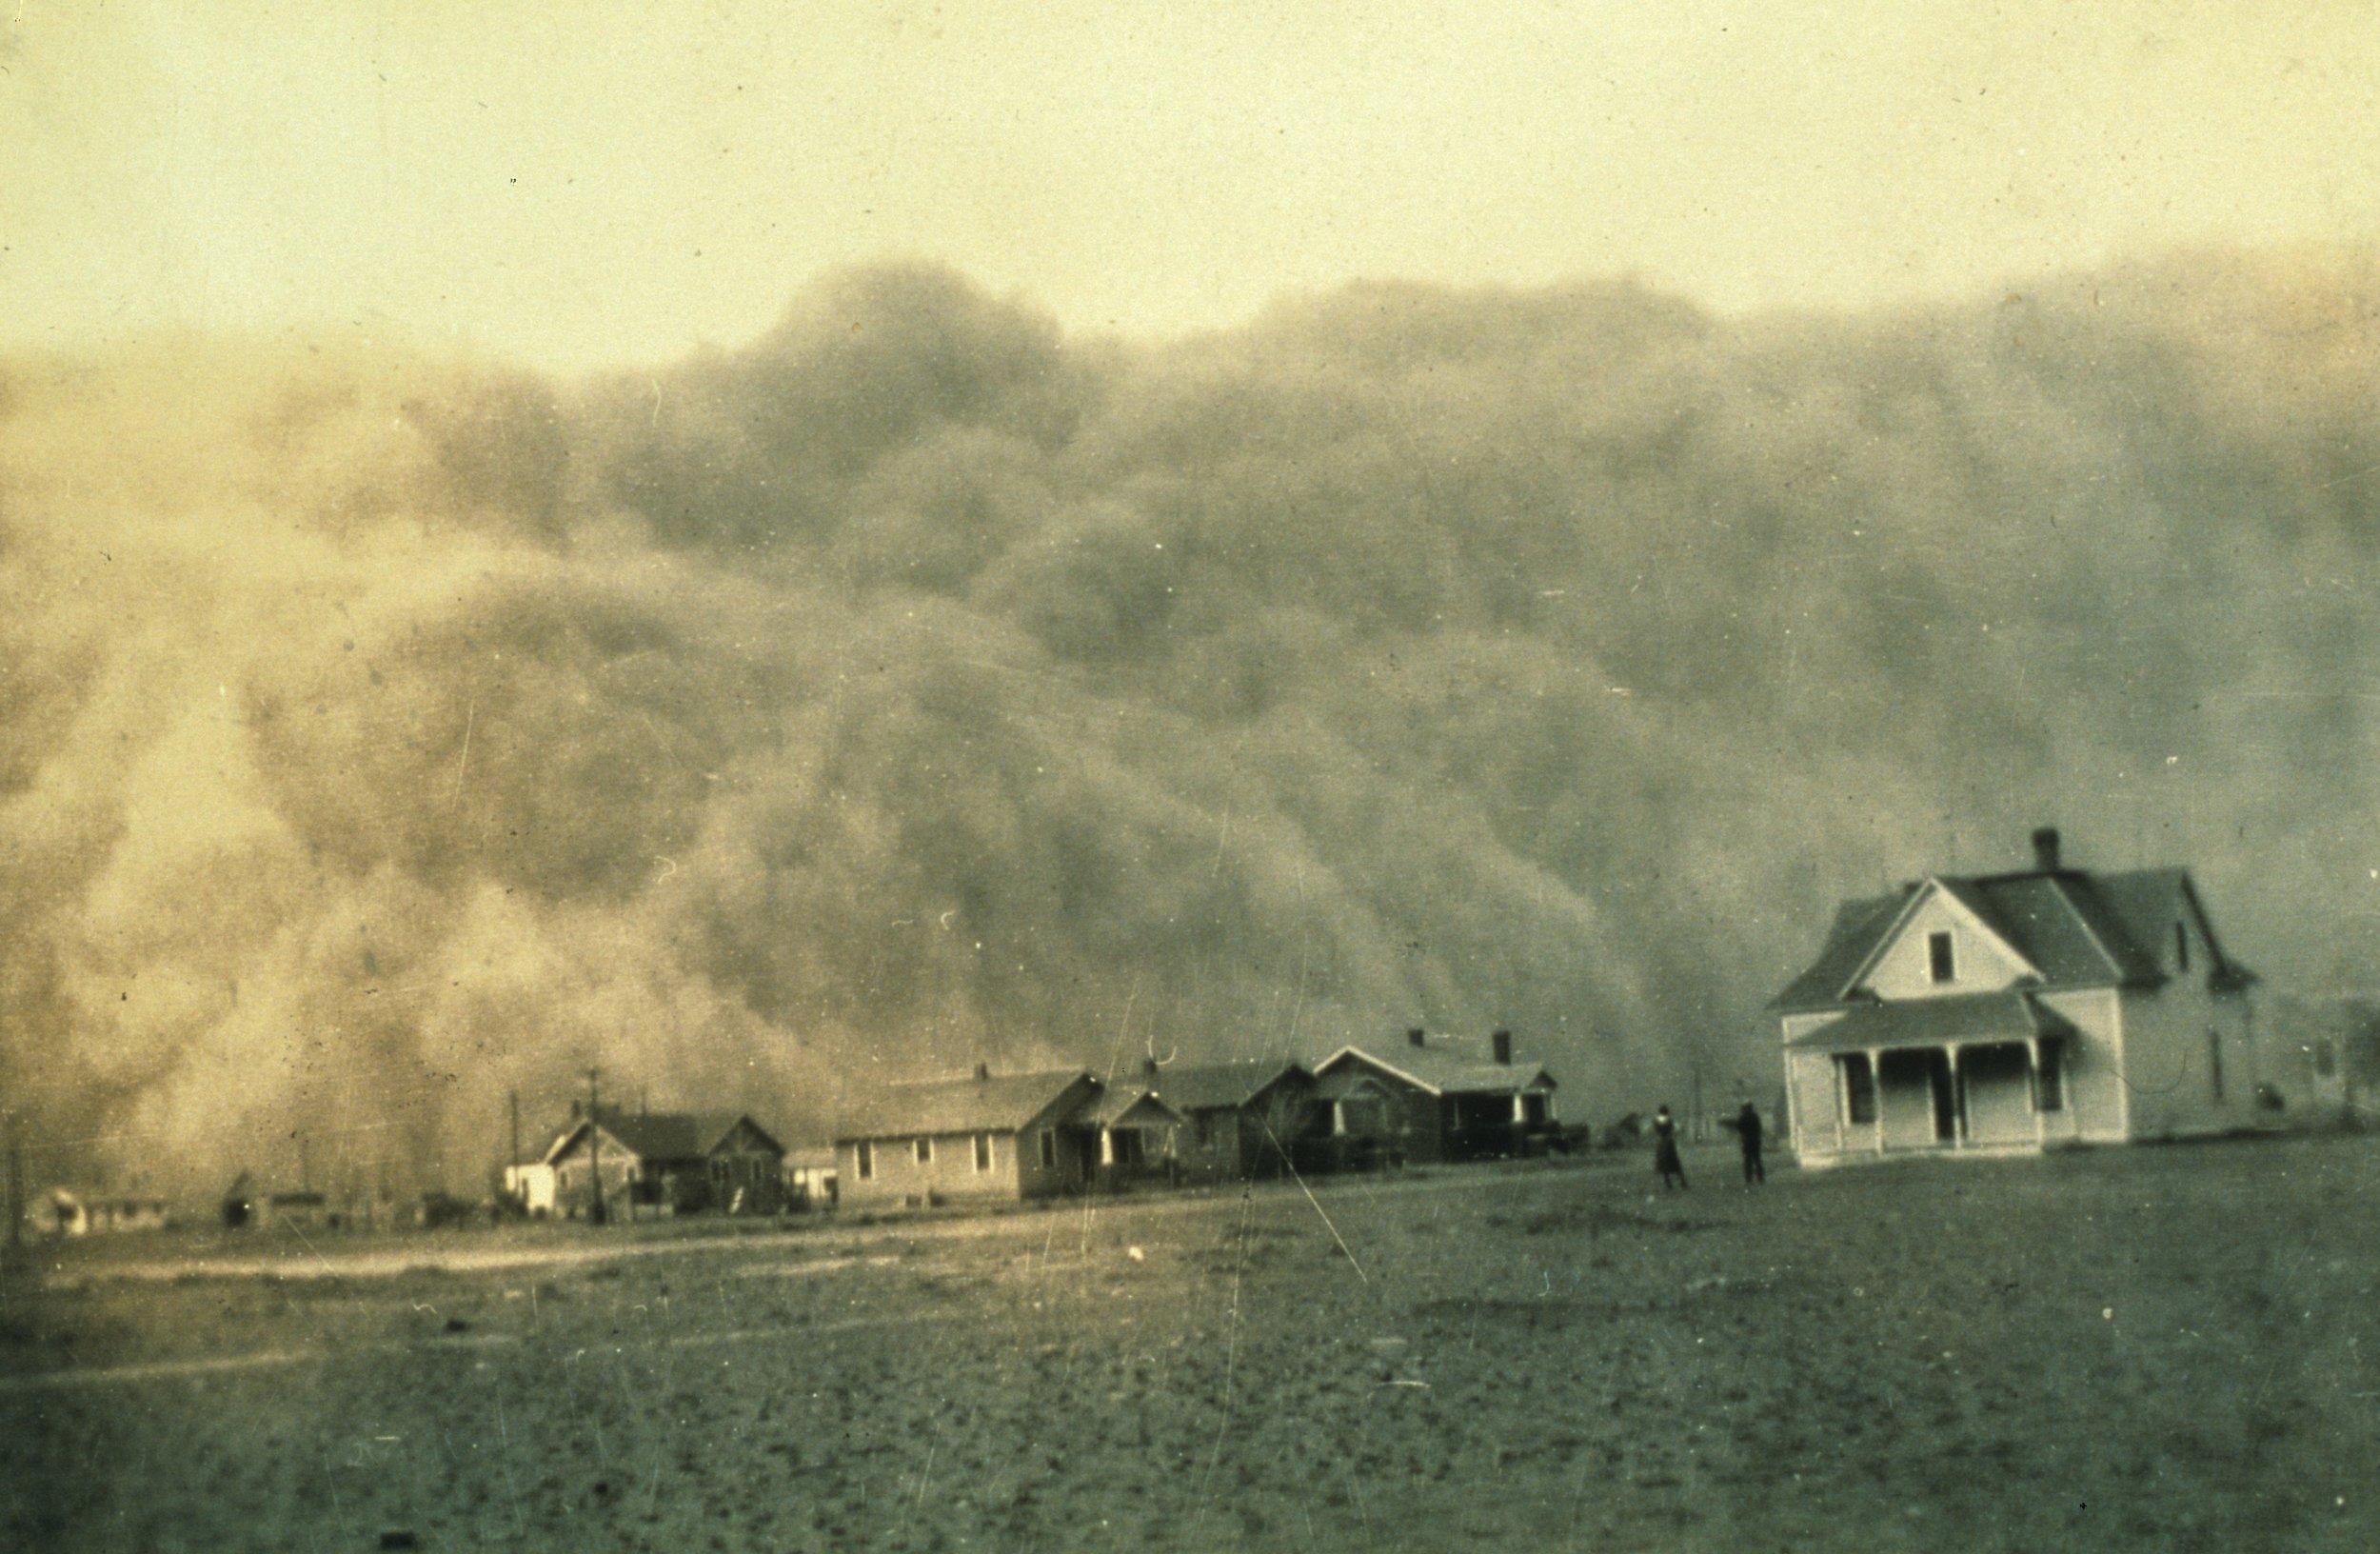 Dust_Storm_Texas_1935.jpg